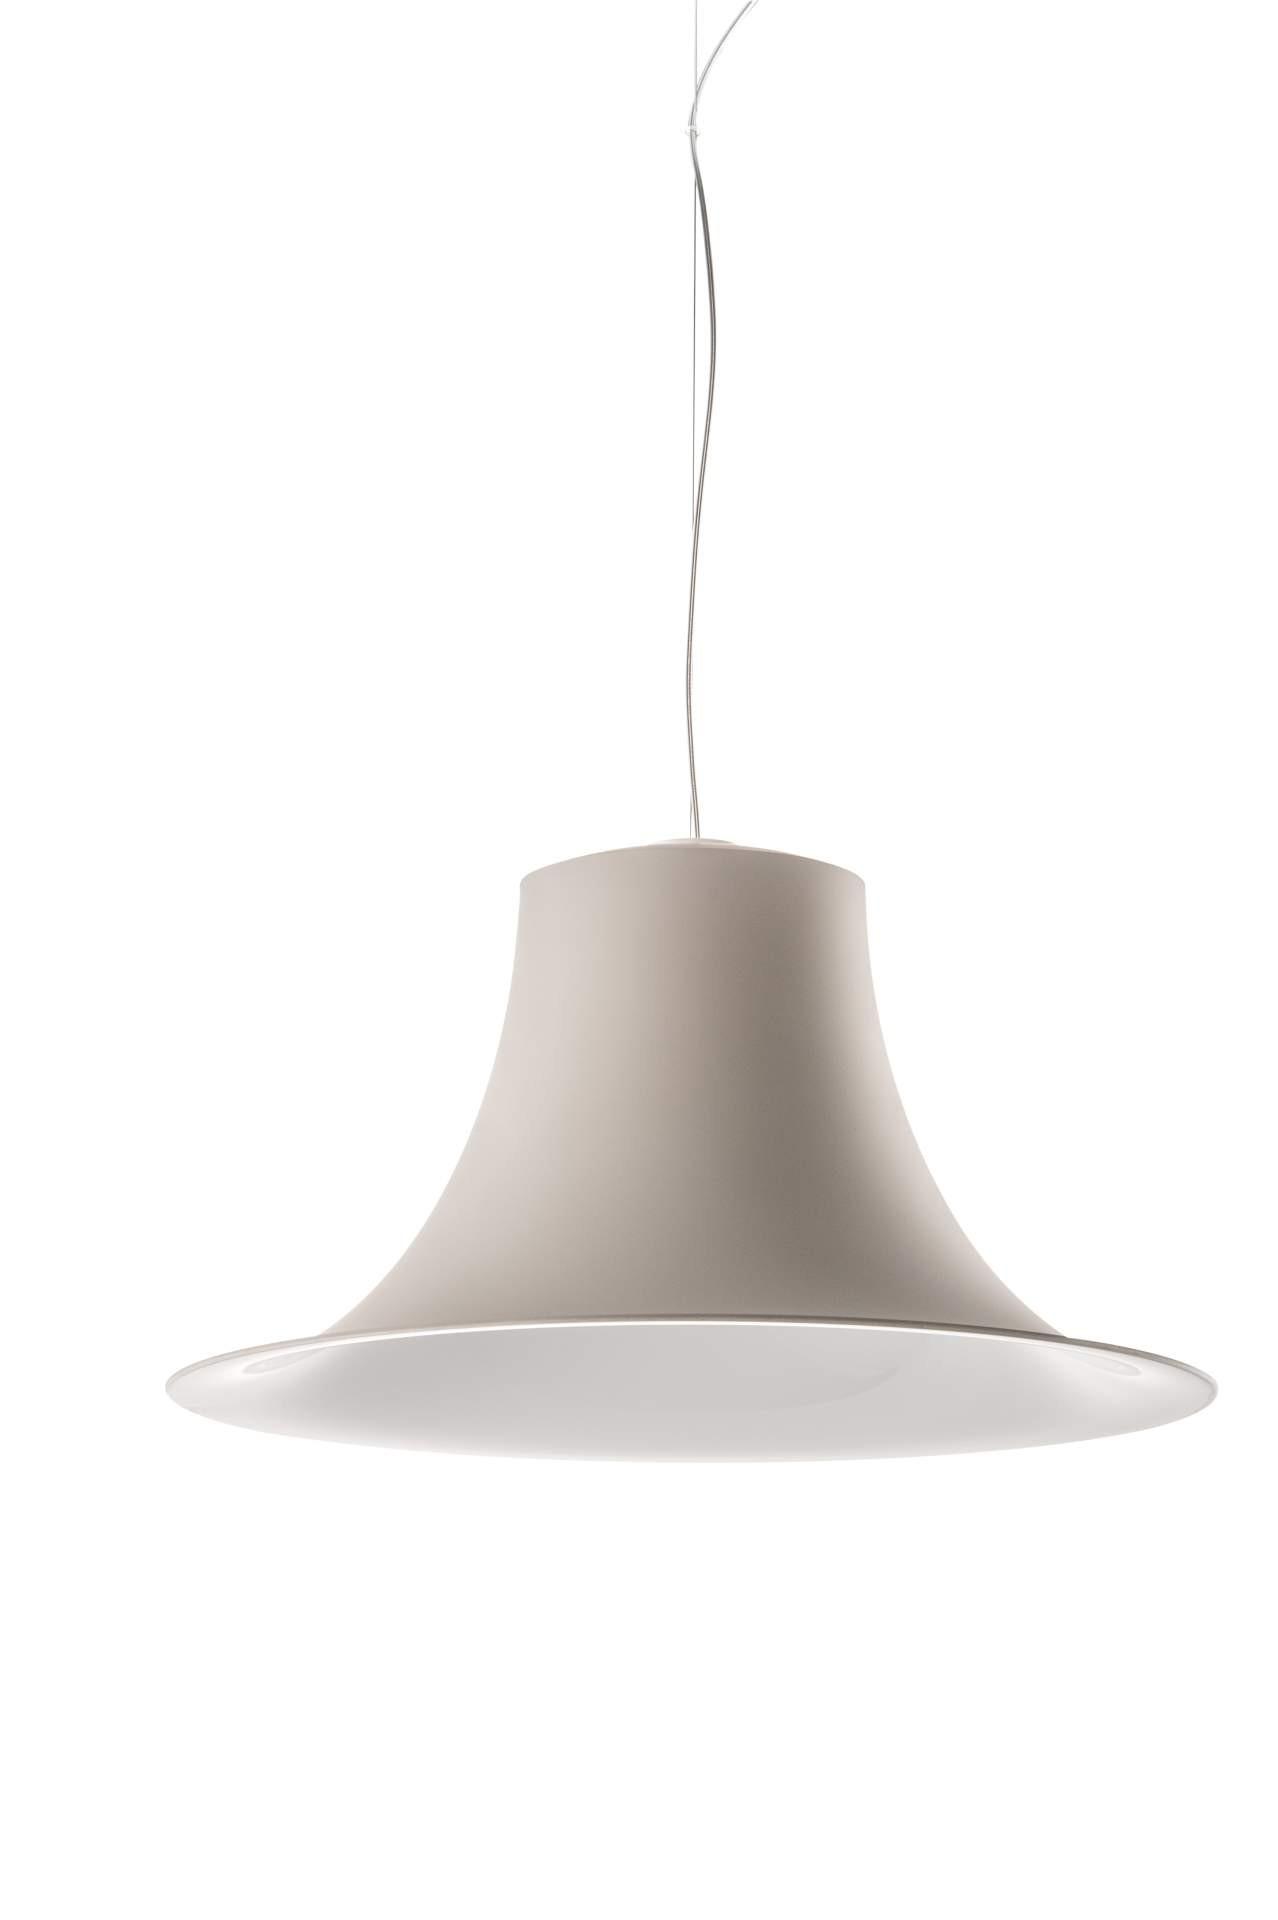 Hängeleuchte beige,  Pendelleuchte beige-weiß, Durchmesser 52 cm